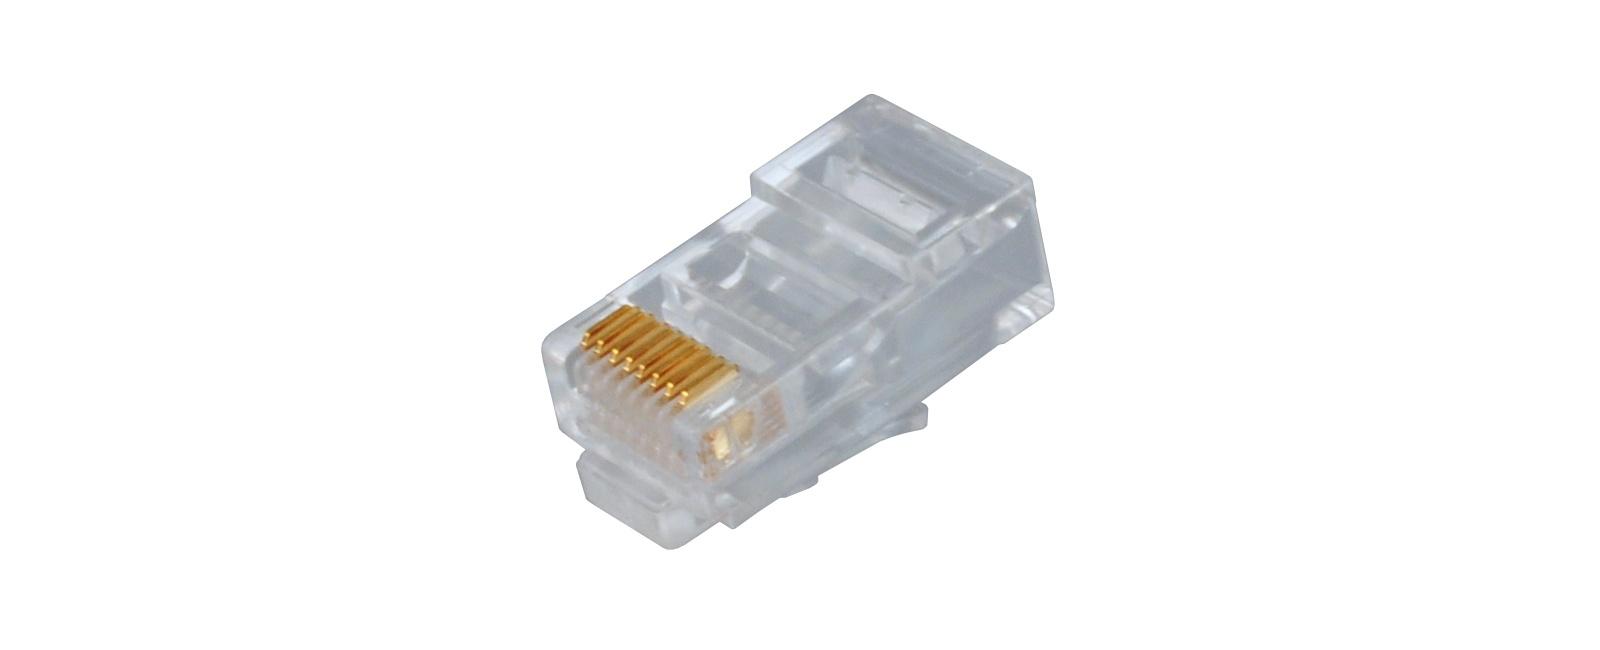 Installing RJ45 Connectors At InfoComm